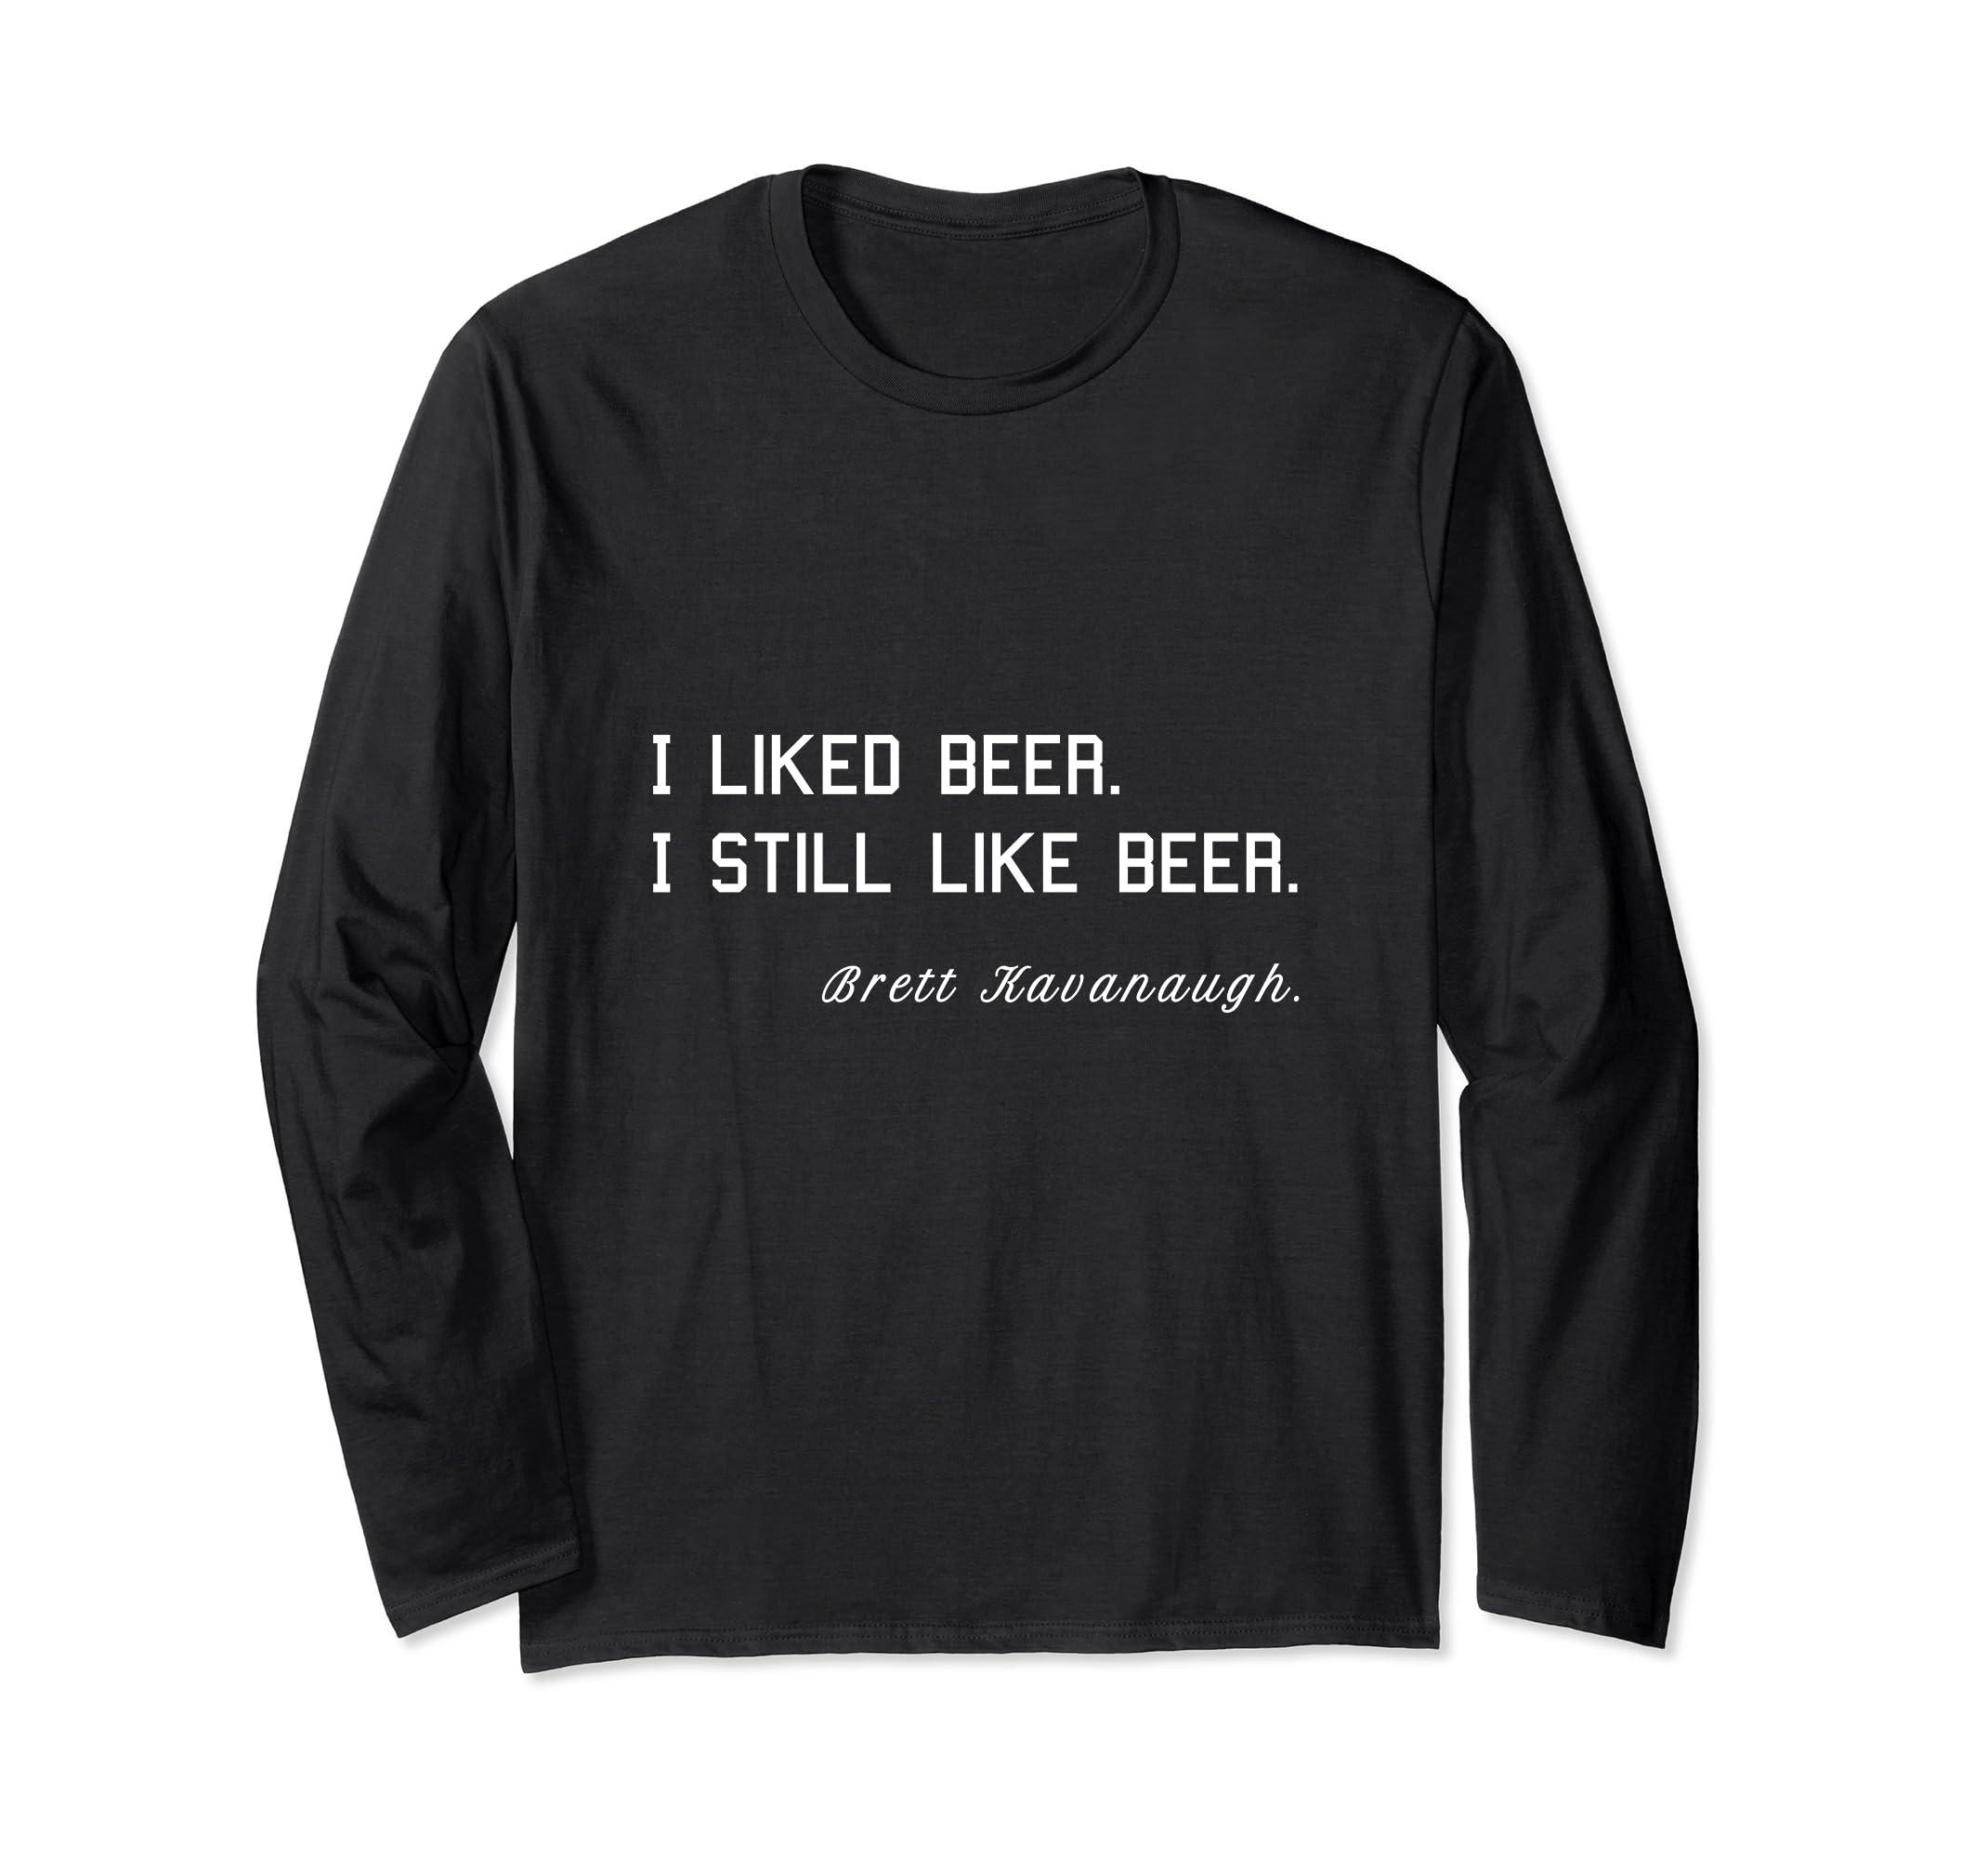 Brett Kavanaugh T shirt   I liked beer. I still like beer-Teechatpro